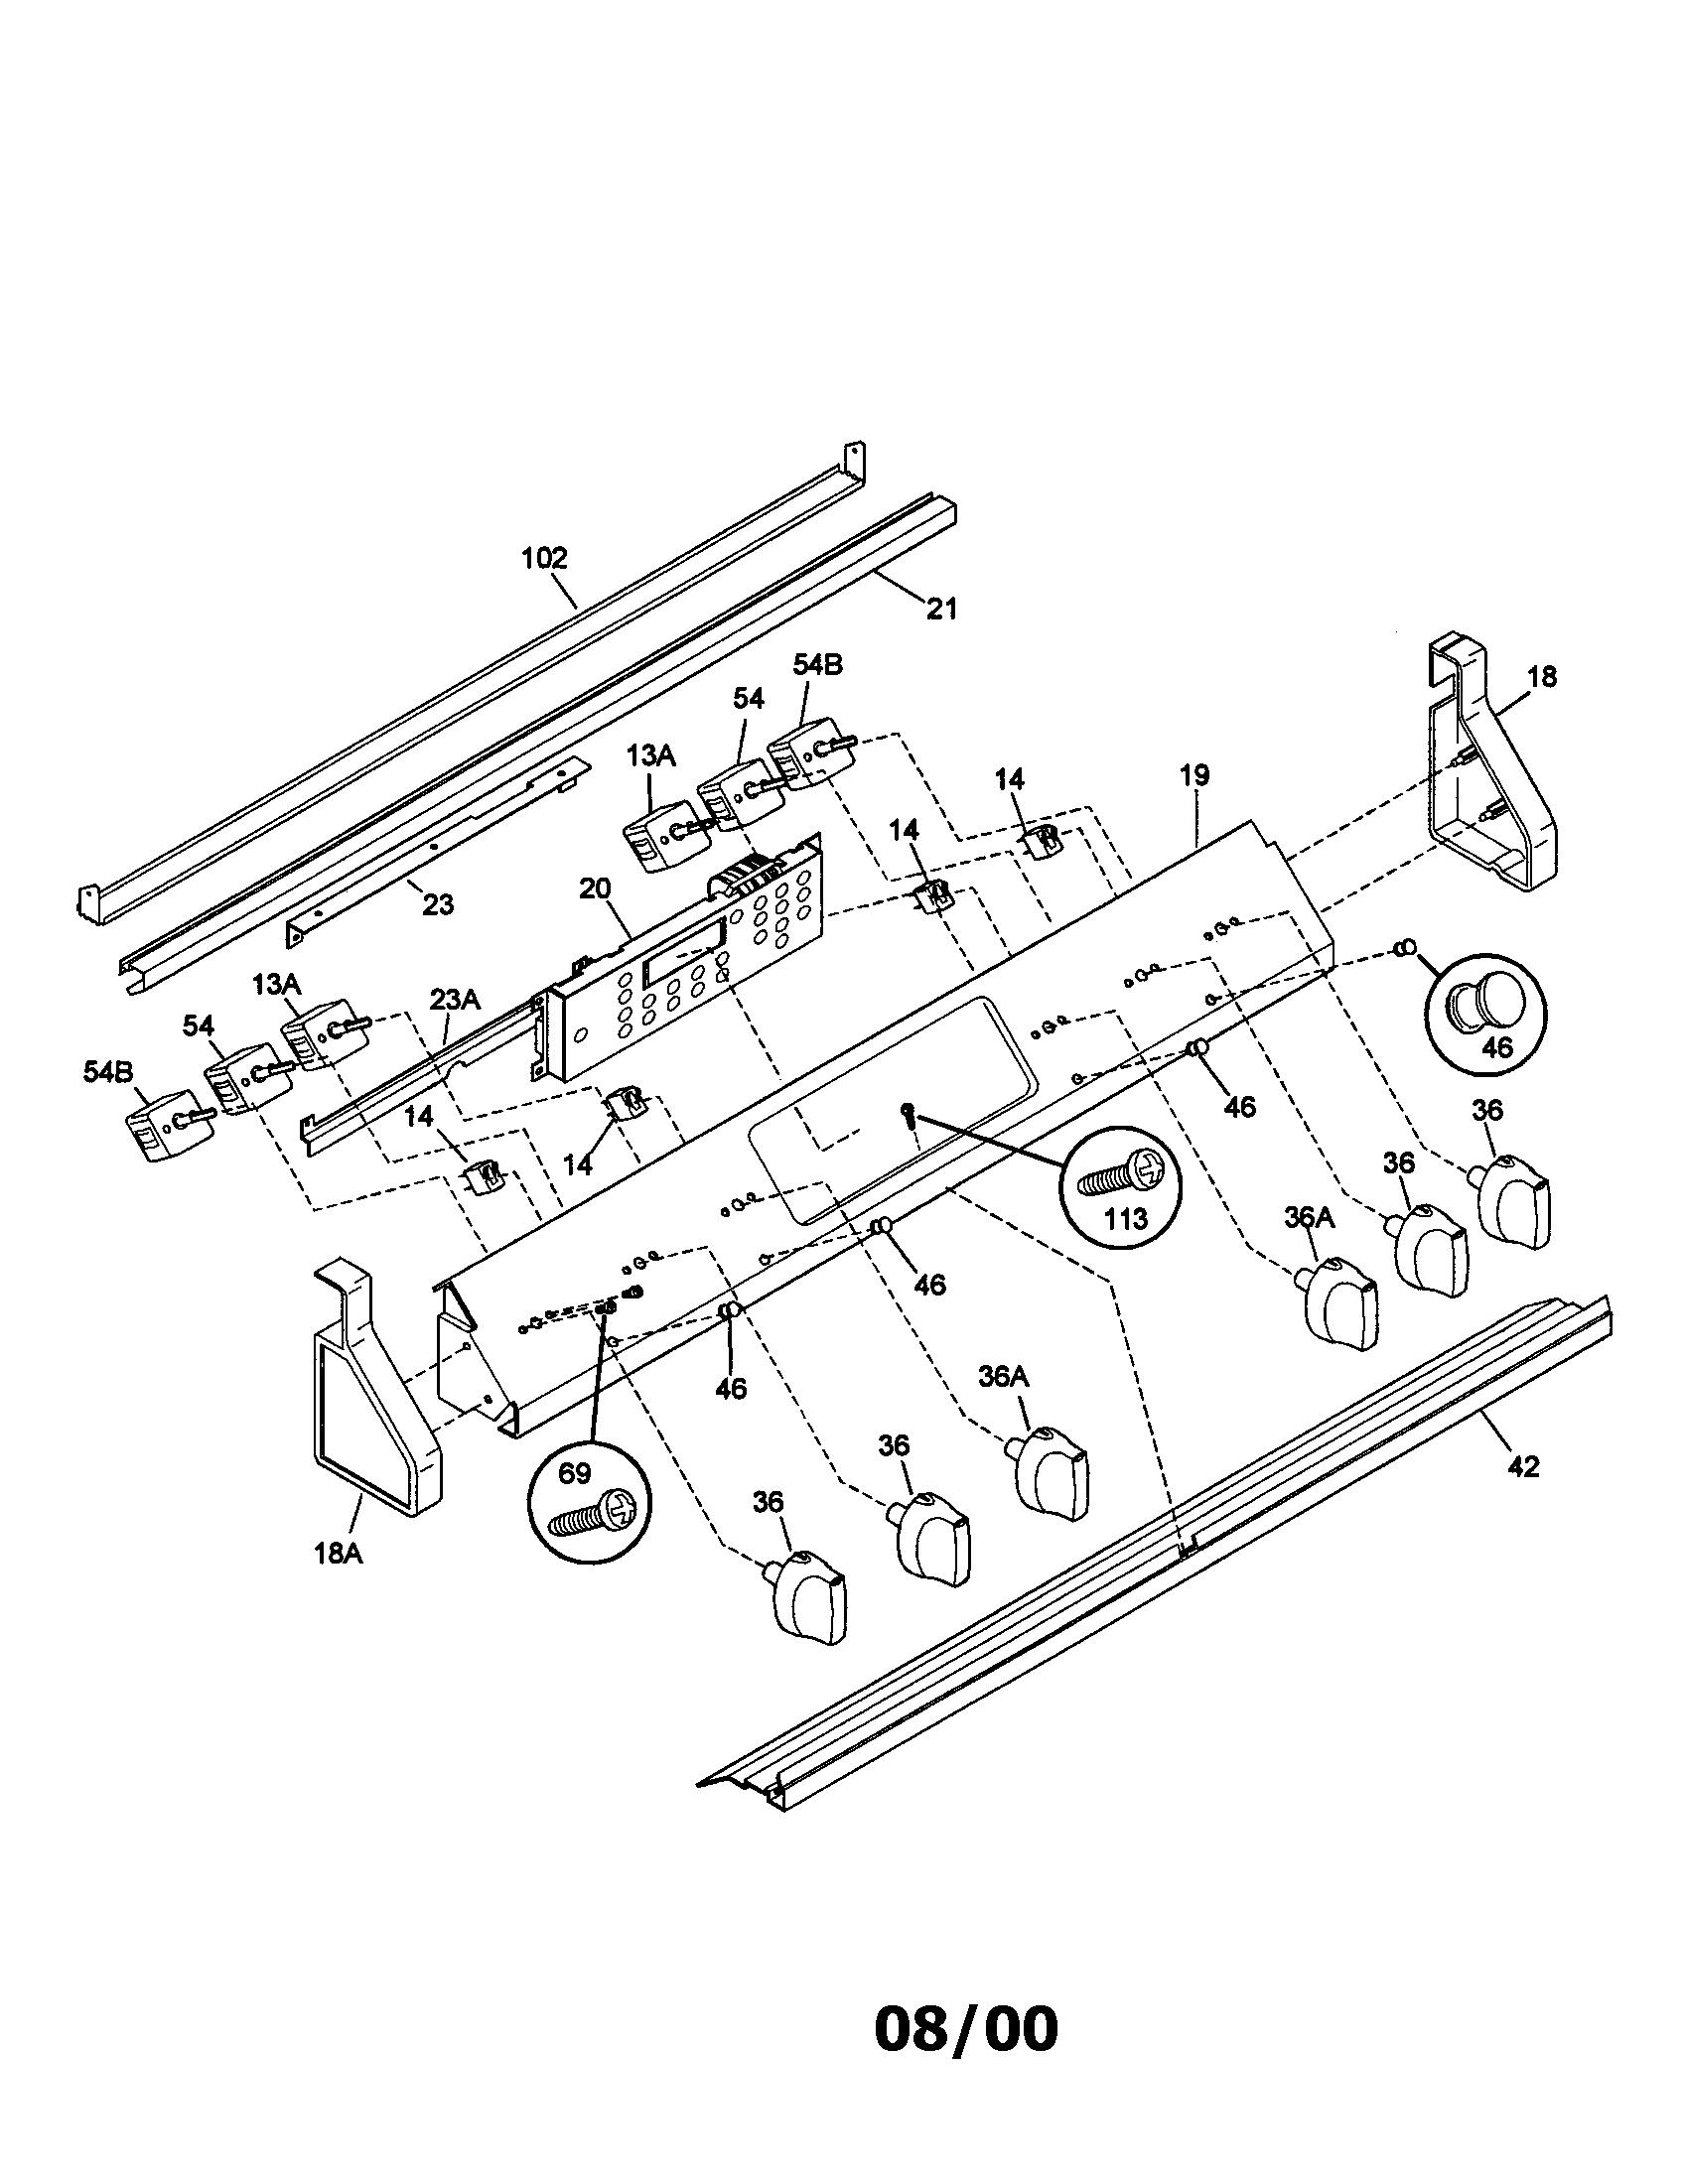 Kenmore model 970-445341 slide-in range, electric genuine